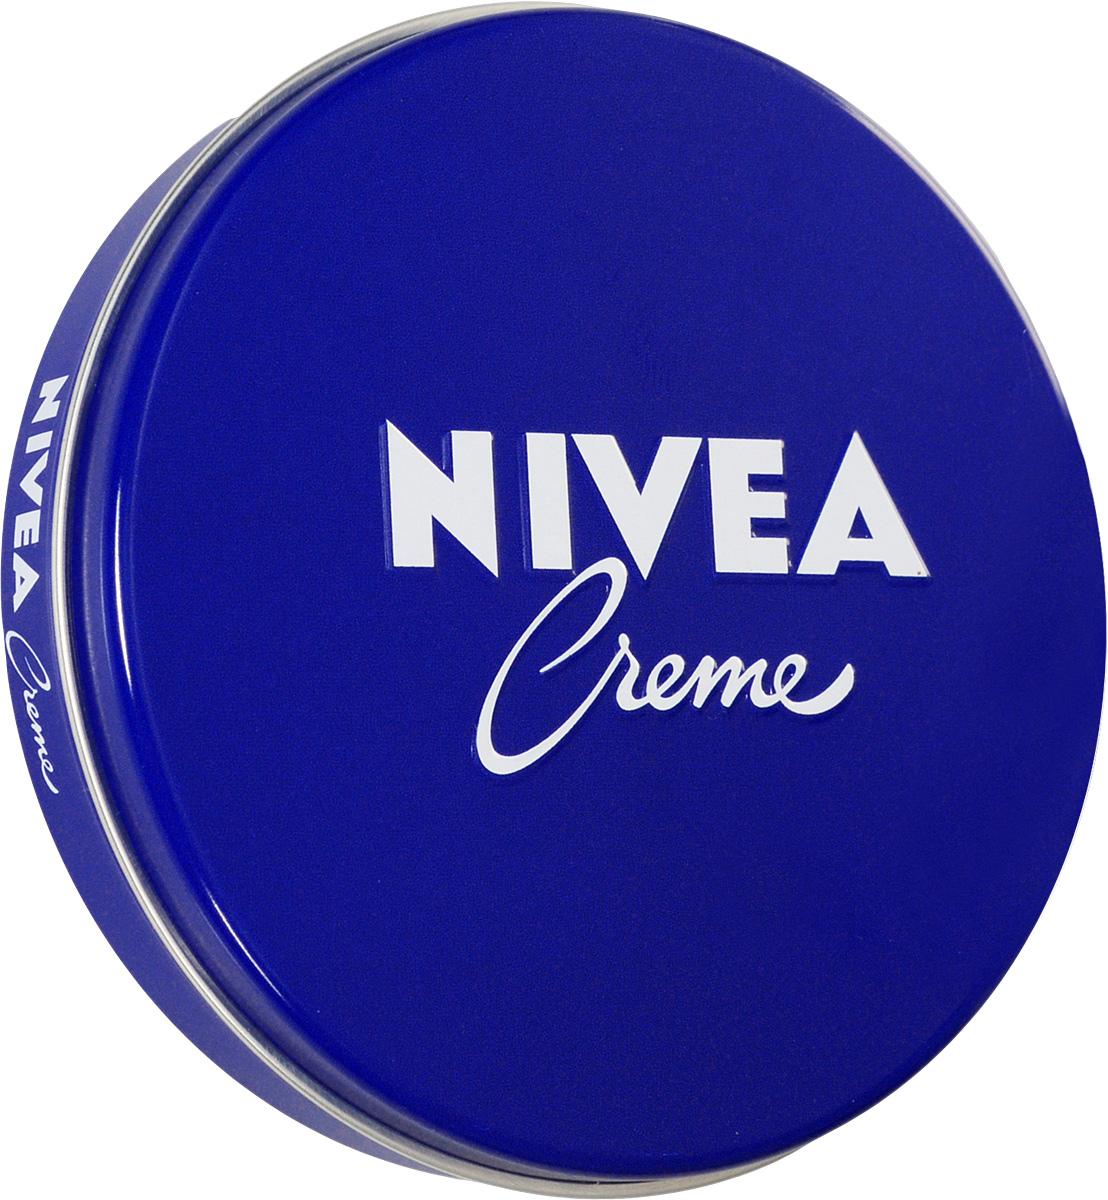 NIVEA Крем для ухода за кожей 75 мл75 мл100112153NIVEA Creme - универсальный увлажняющий крем. Благодаря уникальной формуле с эвцеритом, пантенолом и глицерином, крем прекрасно увлажняет, питает и бережно ухаживает за кожей тела, особенно за ее сухими участками. NIVEA Creme не содержит консервантов и поэтому подходит даже для нежной детской кожи. Продукт одобрен дерматологами. Товар сертифицирован.